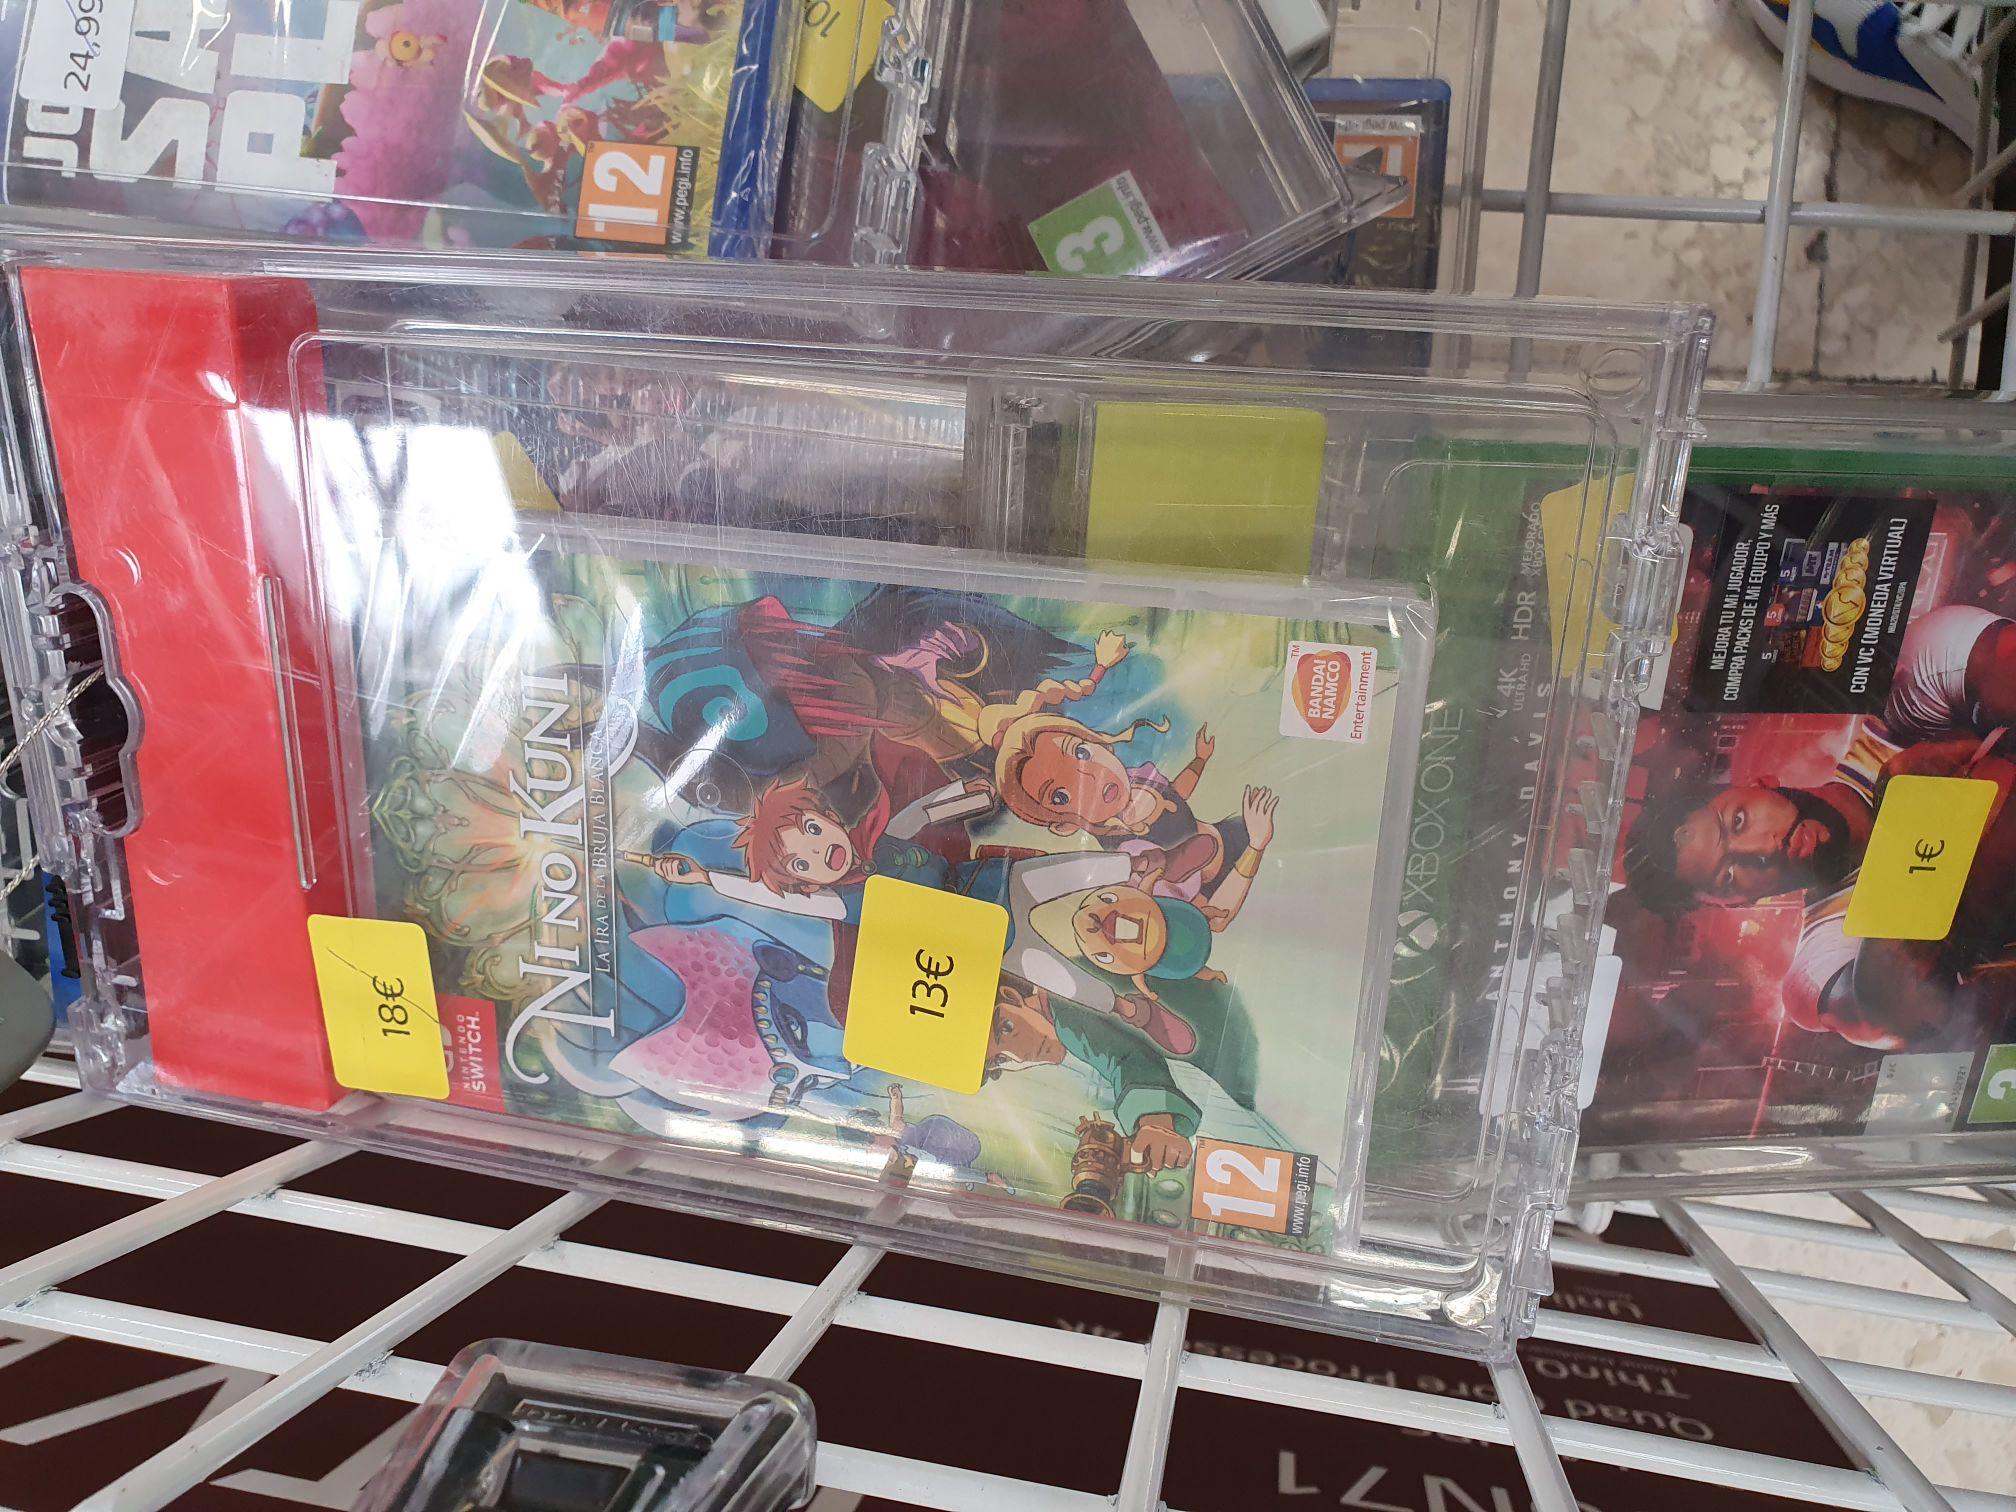 Ni No Kuni: La ira de la Bruja Blanca, Nintendo Switch - Carrefour San Juan, Alicante